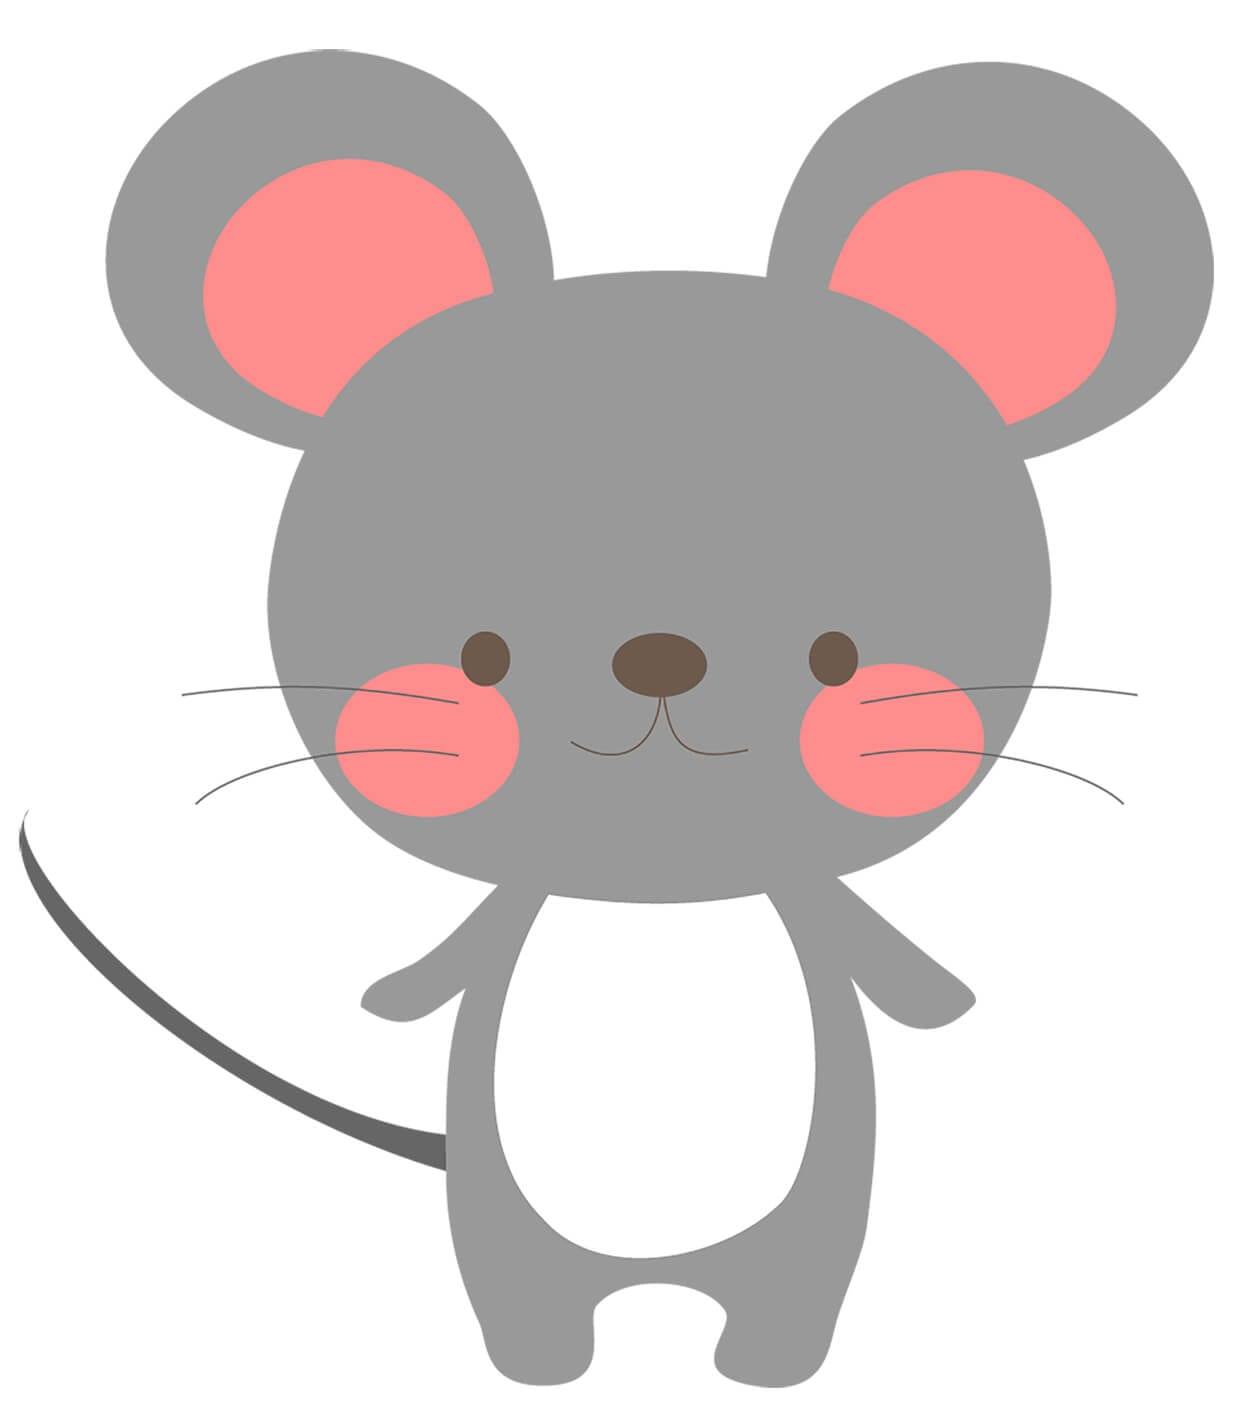 Мышка картинка для детей 1